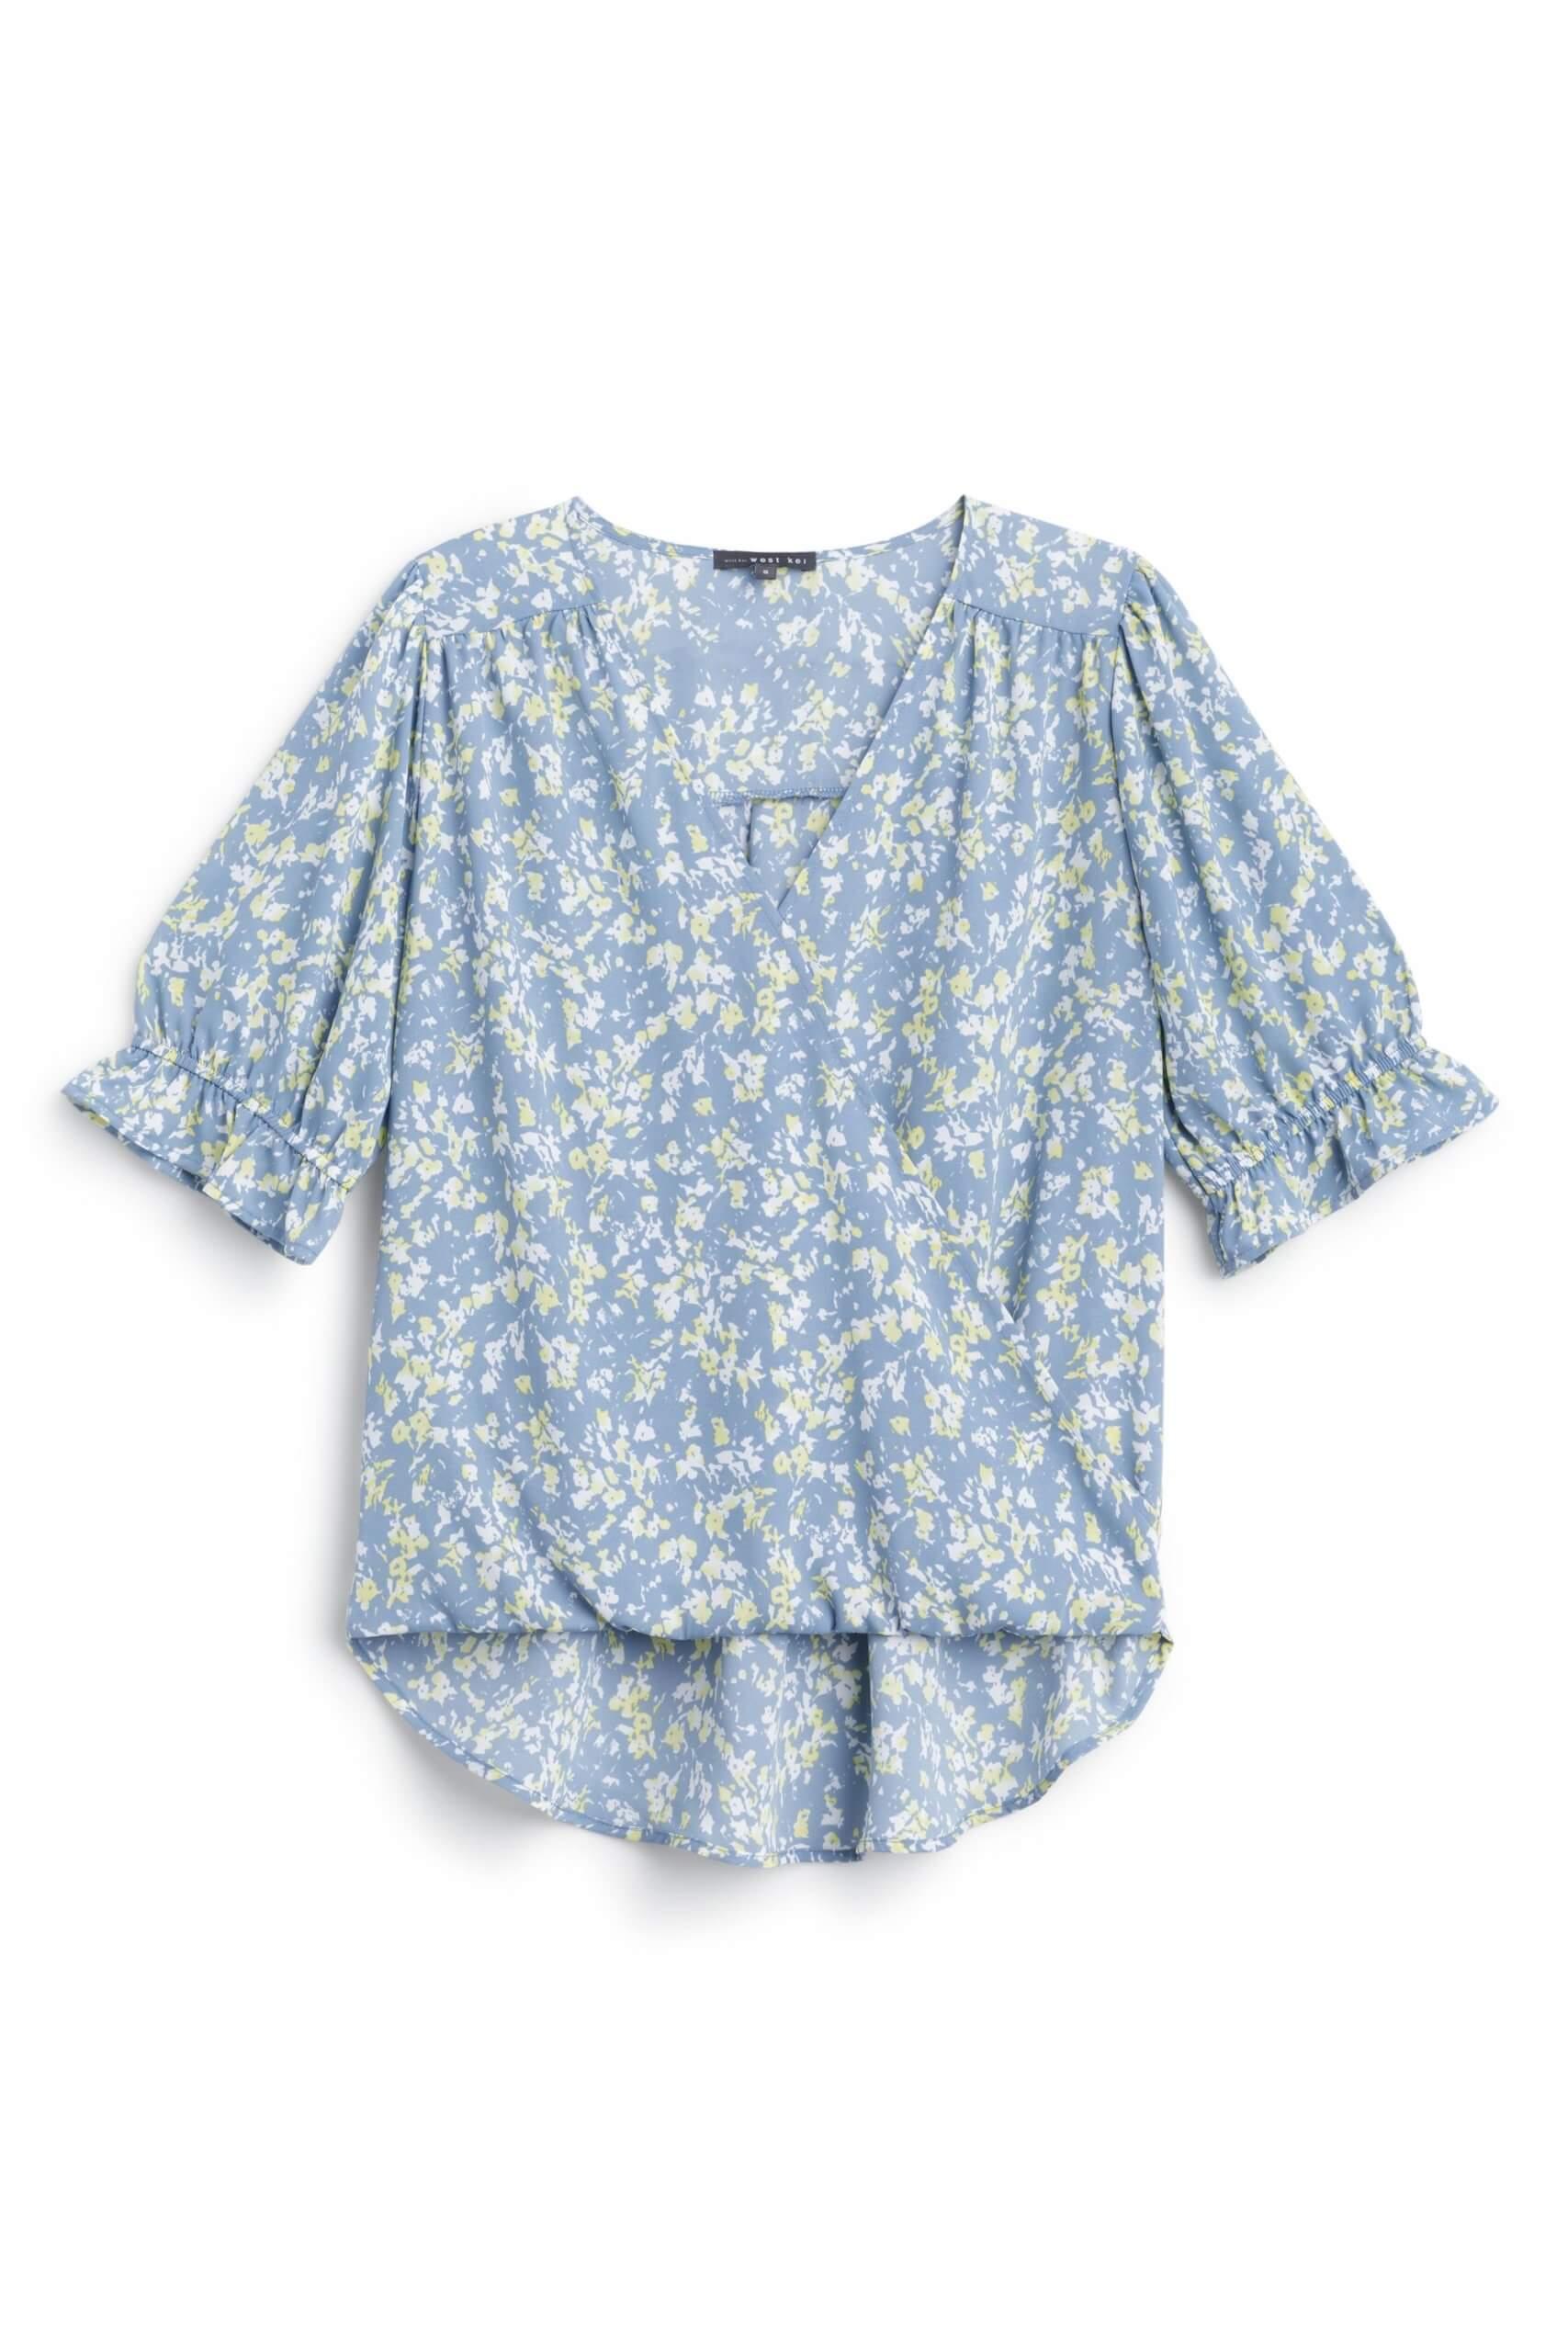 Stitch Fix Women's blue floral wrap shirt.